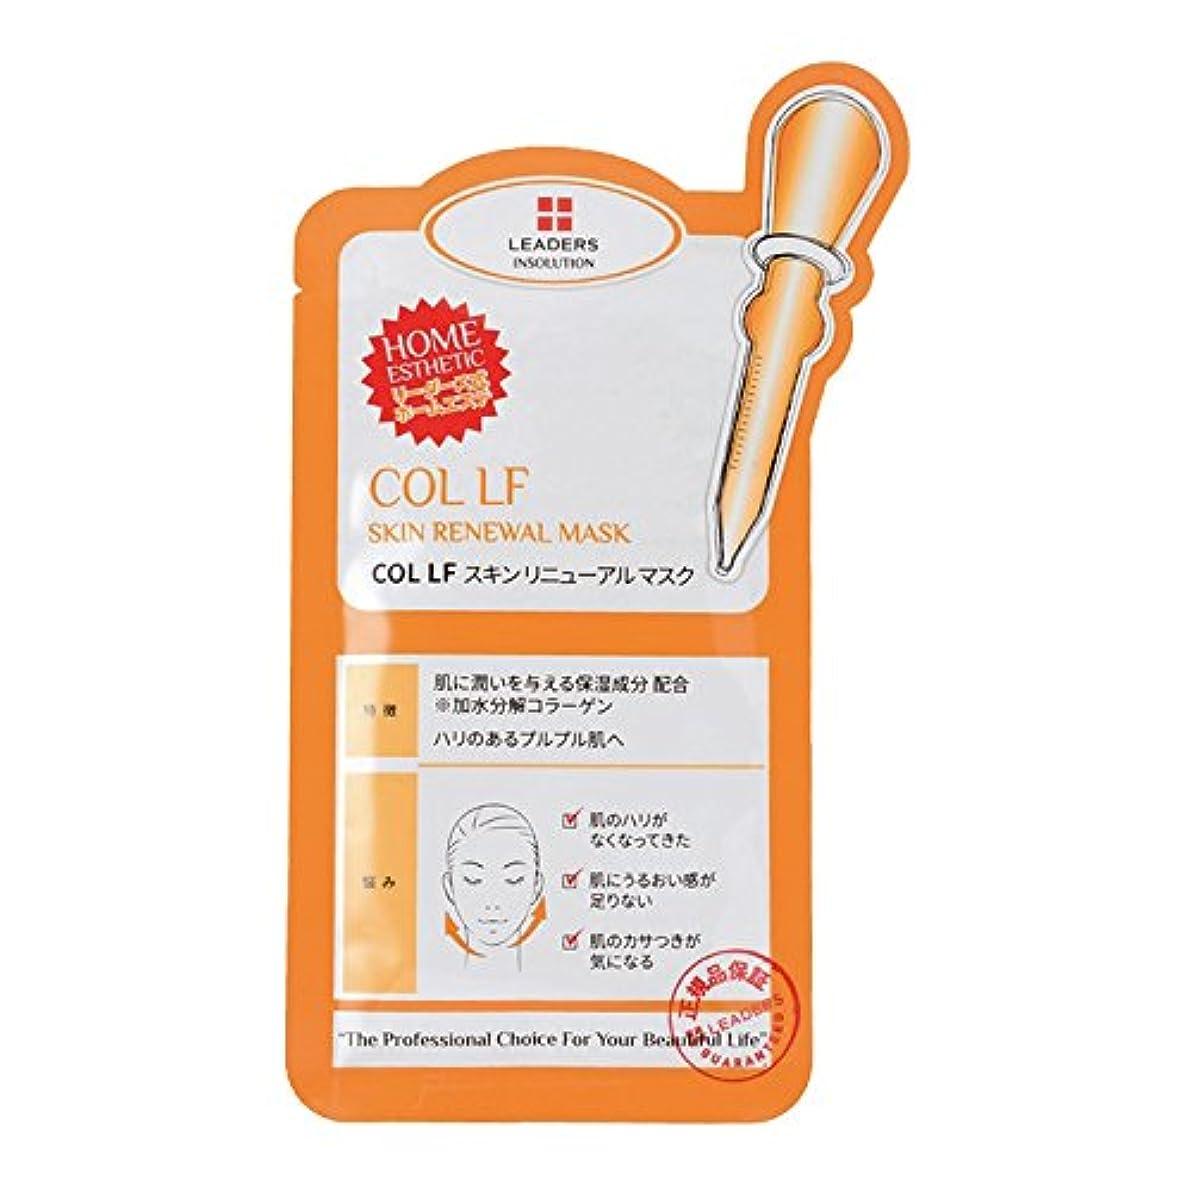 日本限定版 国内正規品 LEADERS リーダース コラーゲンリフティング スキンリニュアル マスク 1枚 25ml ハリ ツヤ エイジングケア